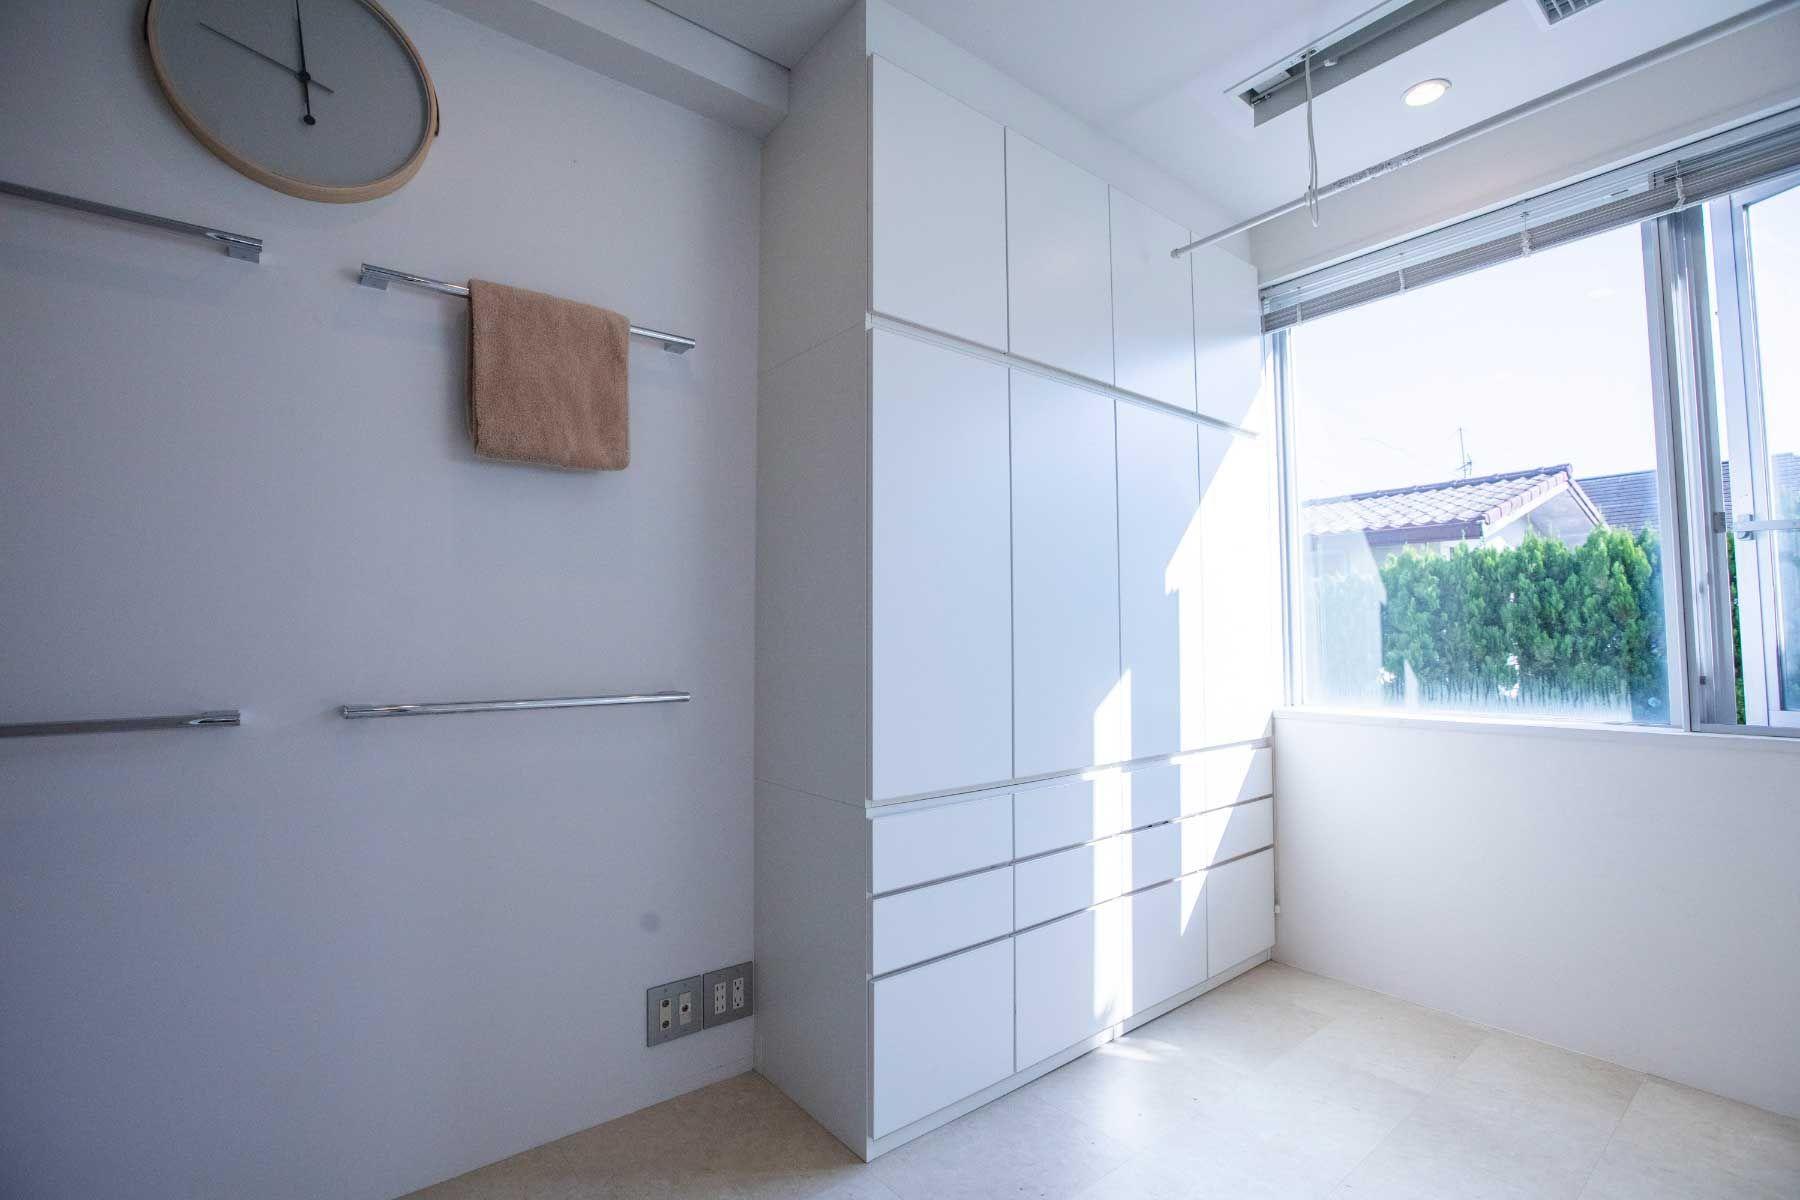 渋谷区西原ハウス /個人宅 (シブヤクニシハラハウス)洗面